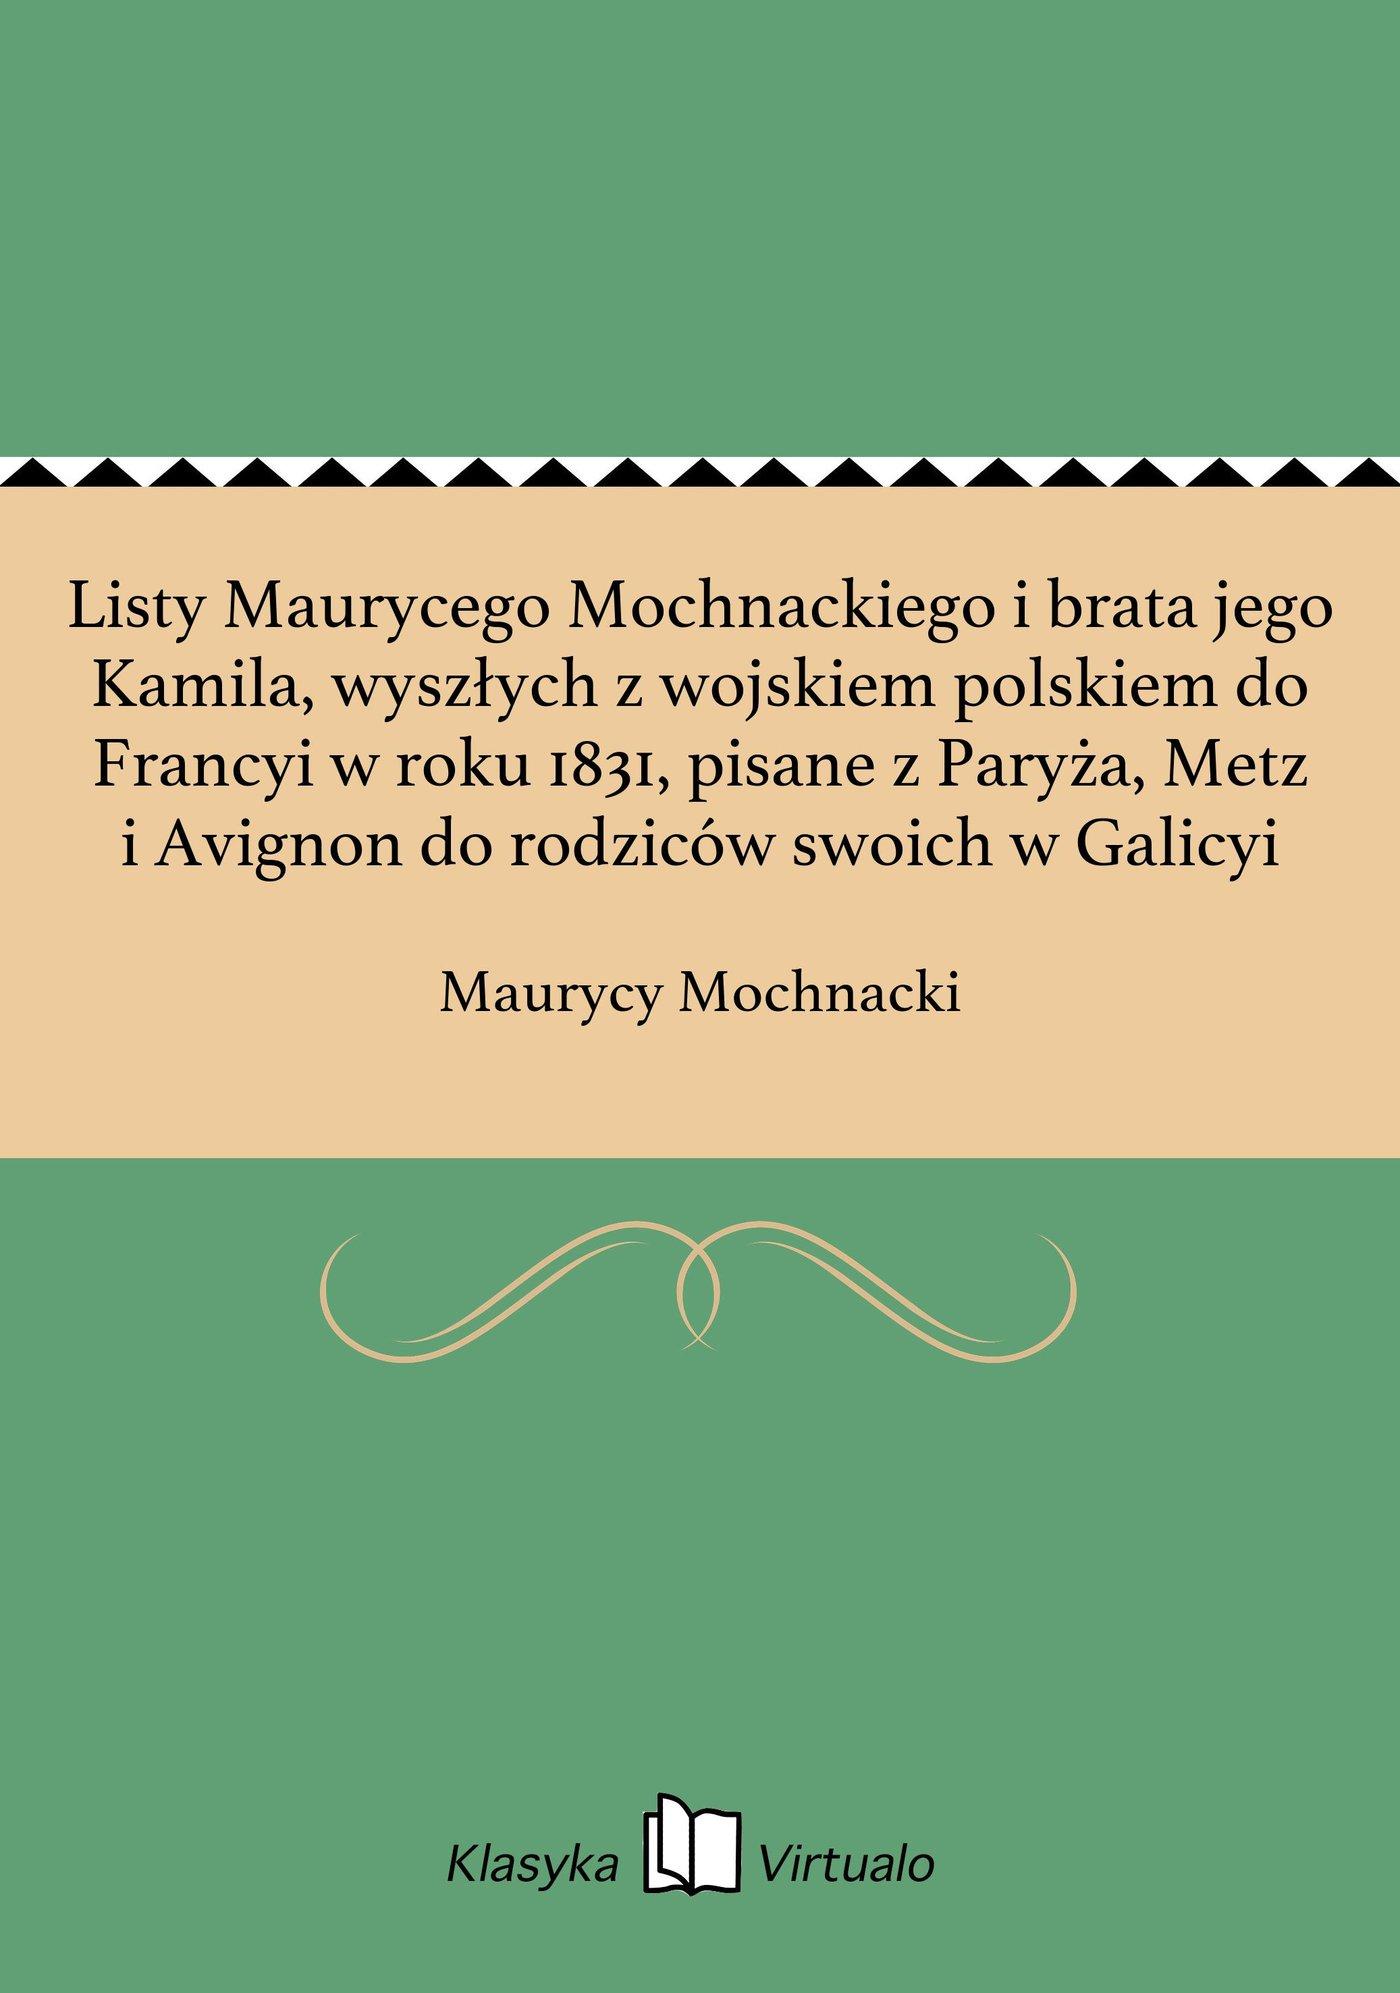 Listy Maurycego Mochnackiego i brata jego Kamila, wyszłych z wojskiem polskiem do Francyi w roku 1831, pisane z Paryża, Metz i Avignon do rodziców swoich w Galicyi - Ebook (Książka na Kindle) do pobrania w formacie MOBI